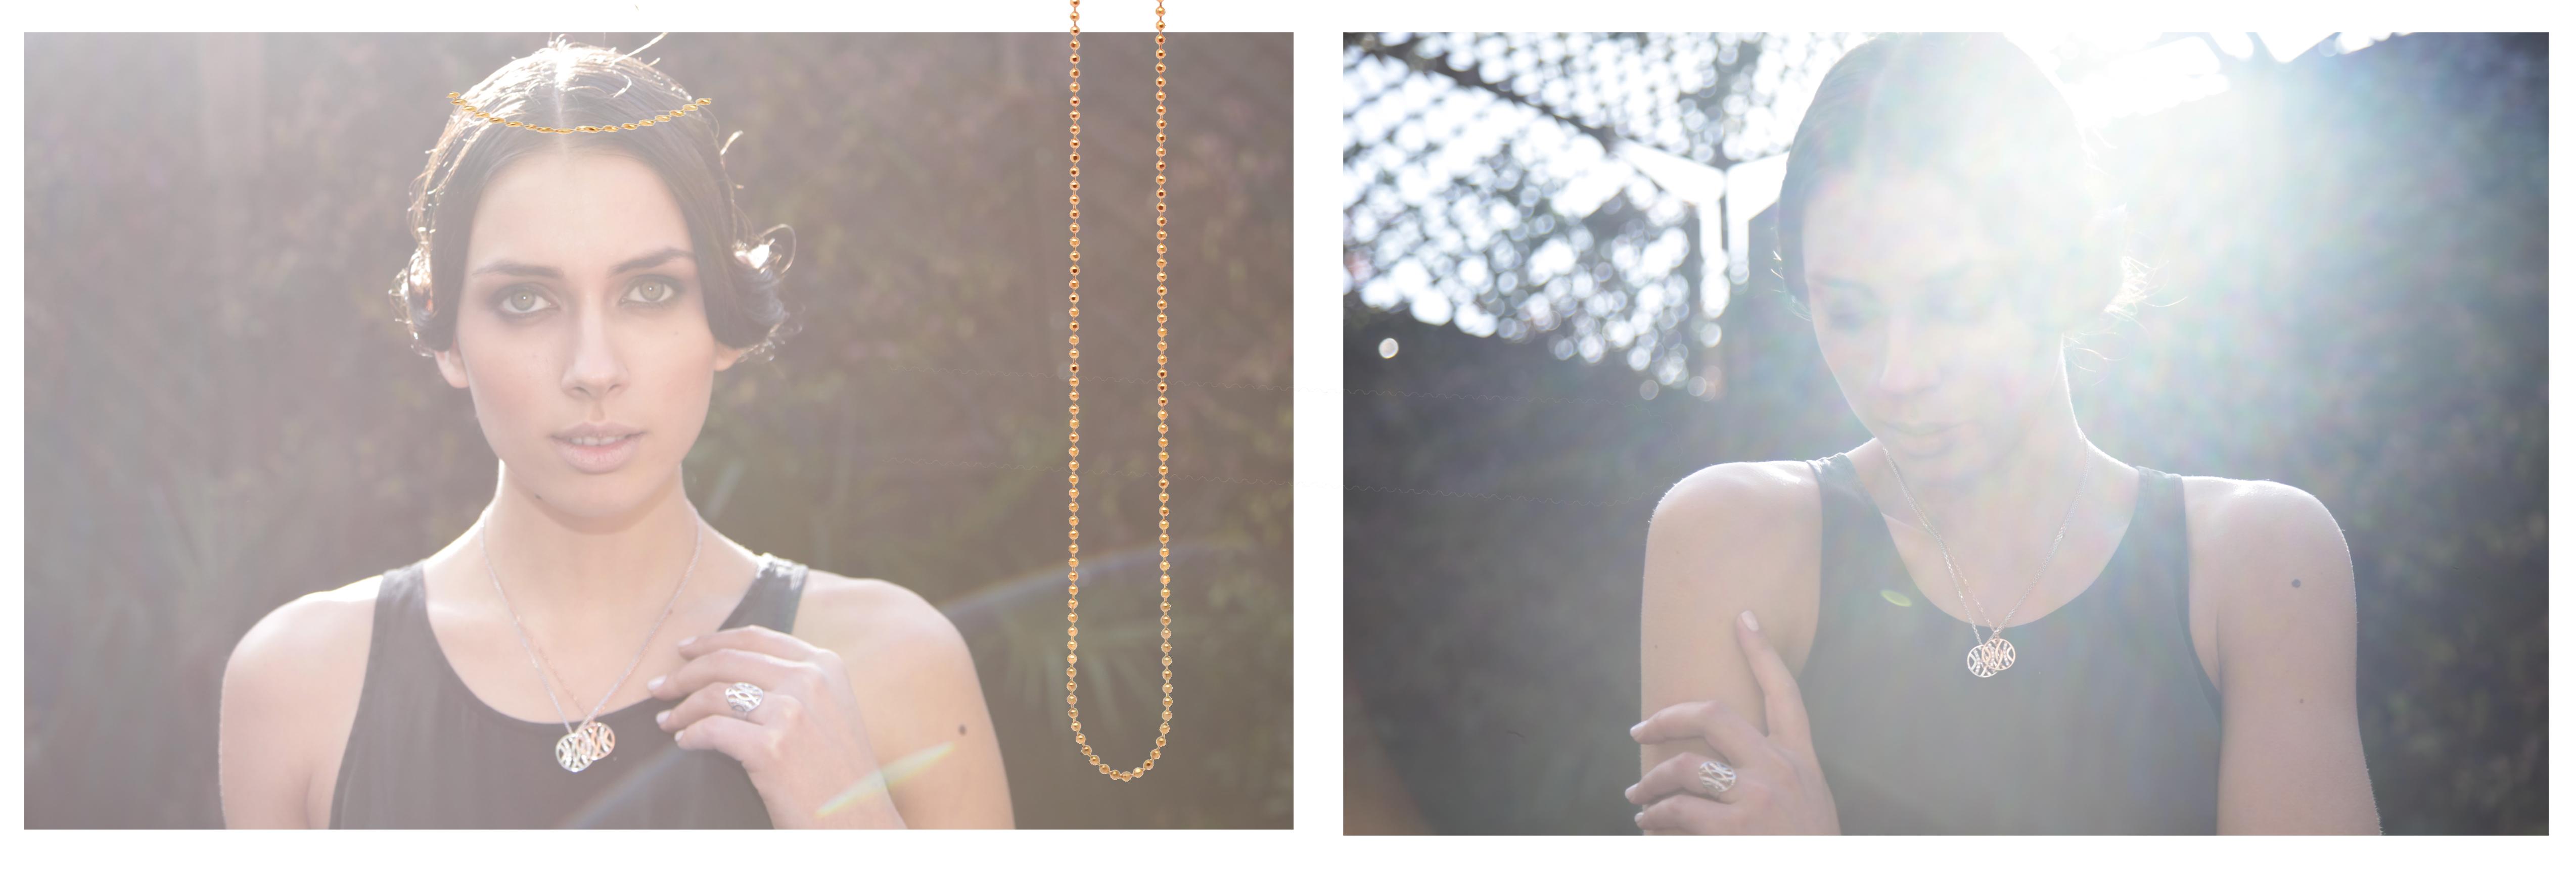 Glastonbury with chain